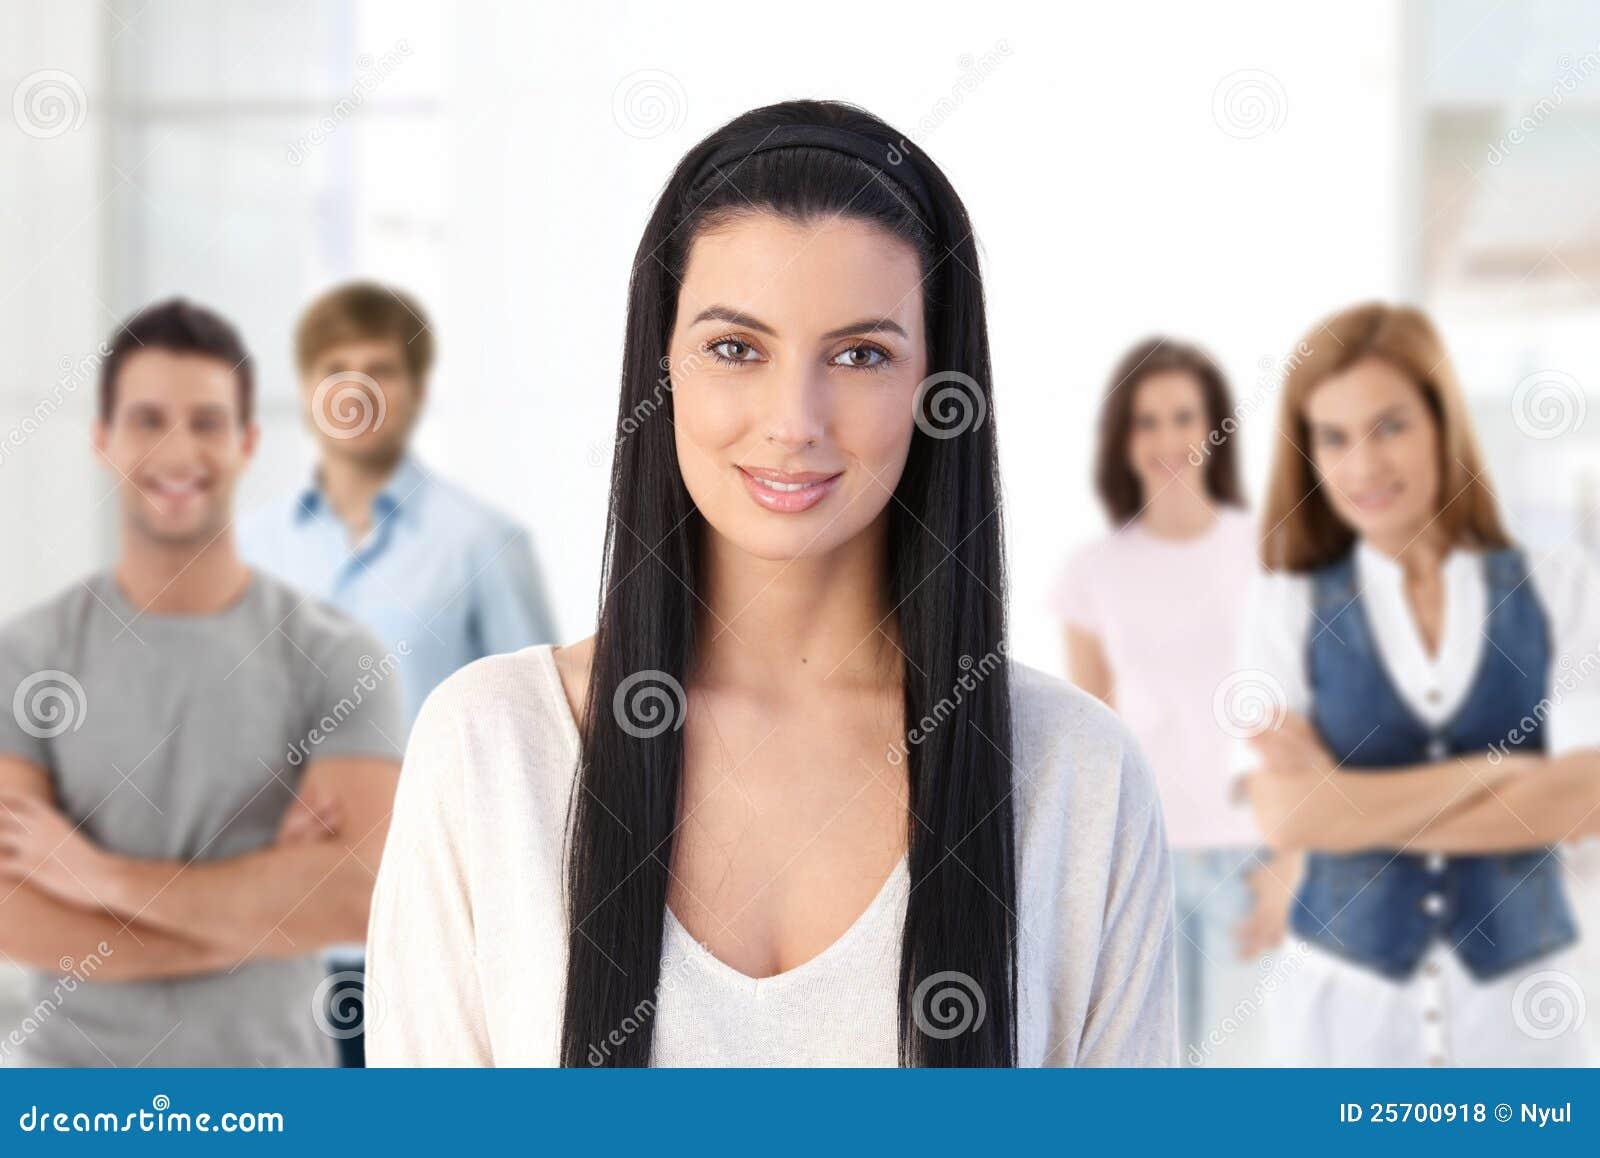 Grupp av ungdomar inomhus